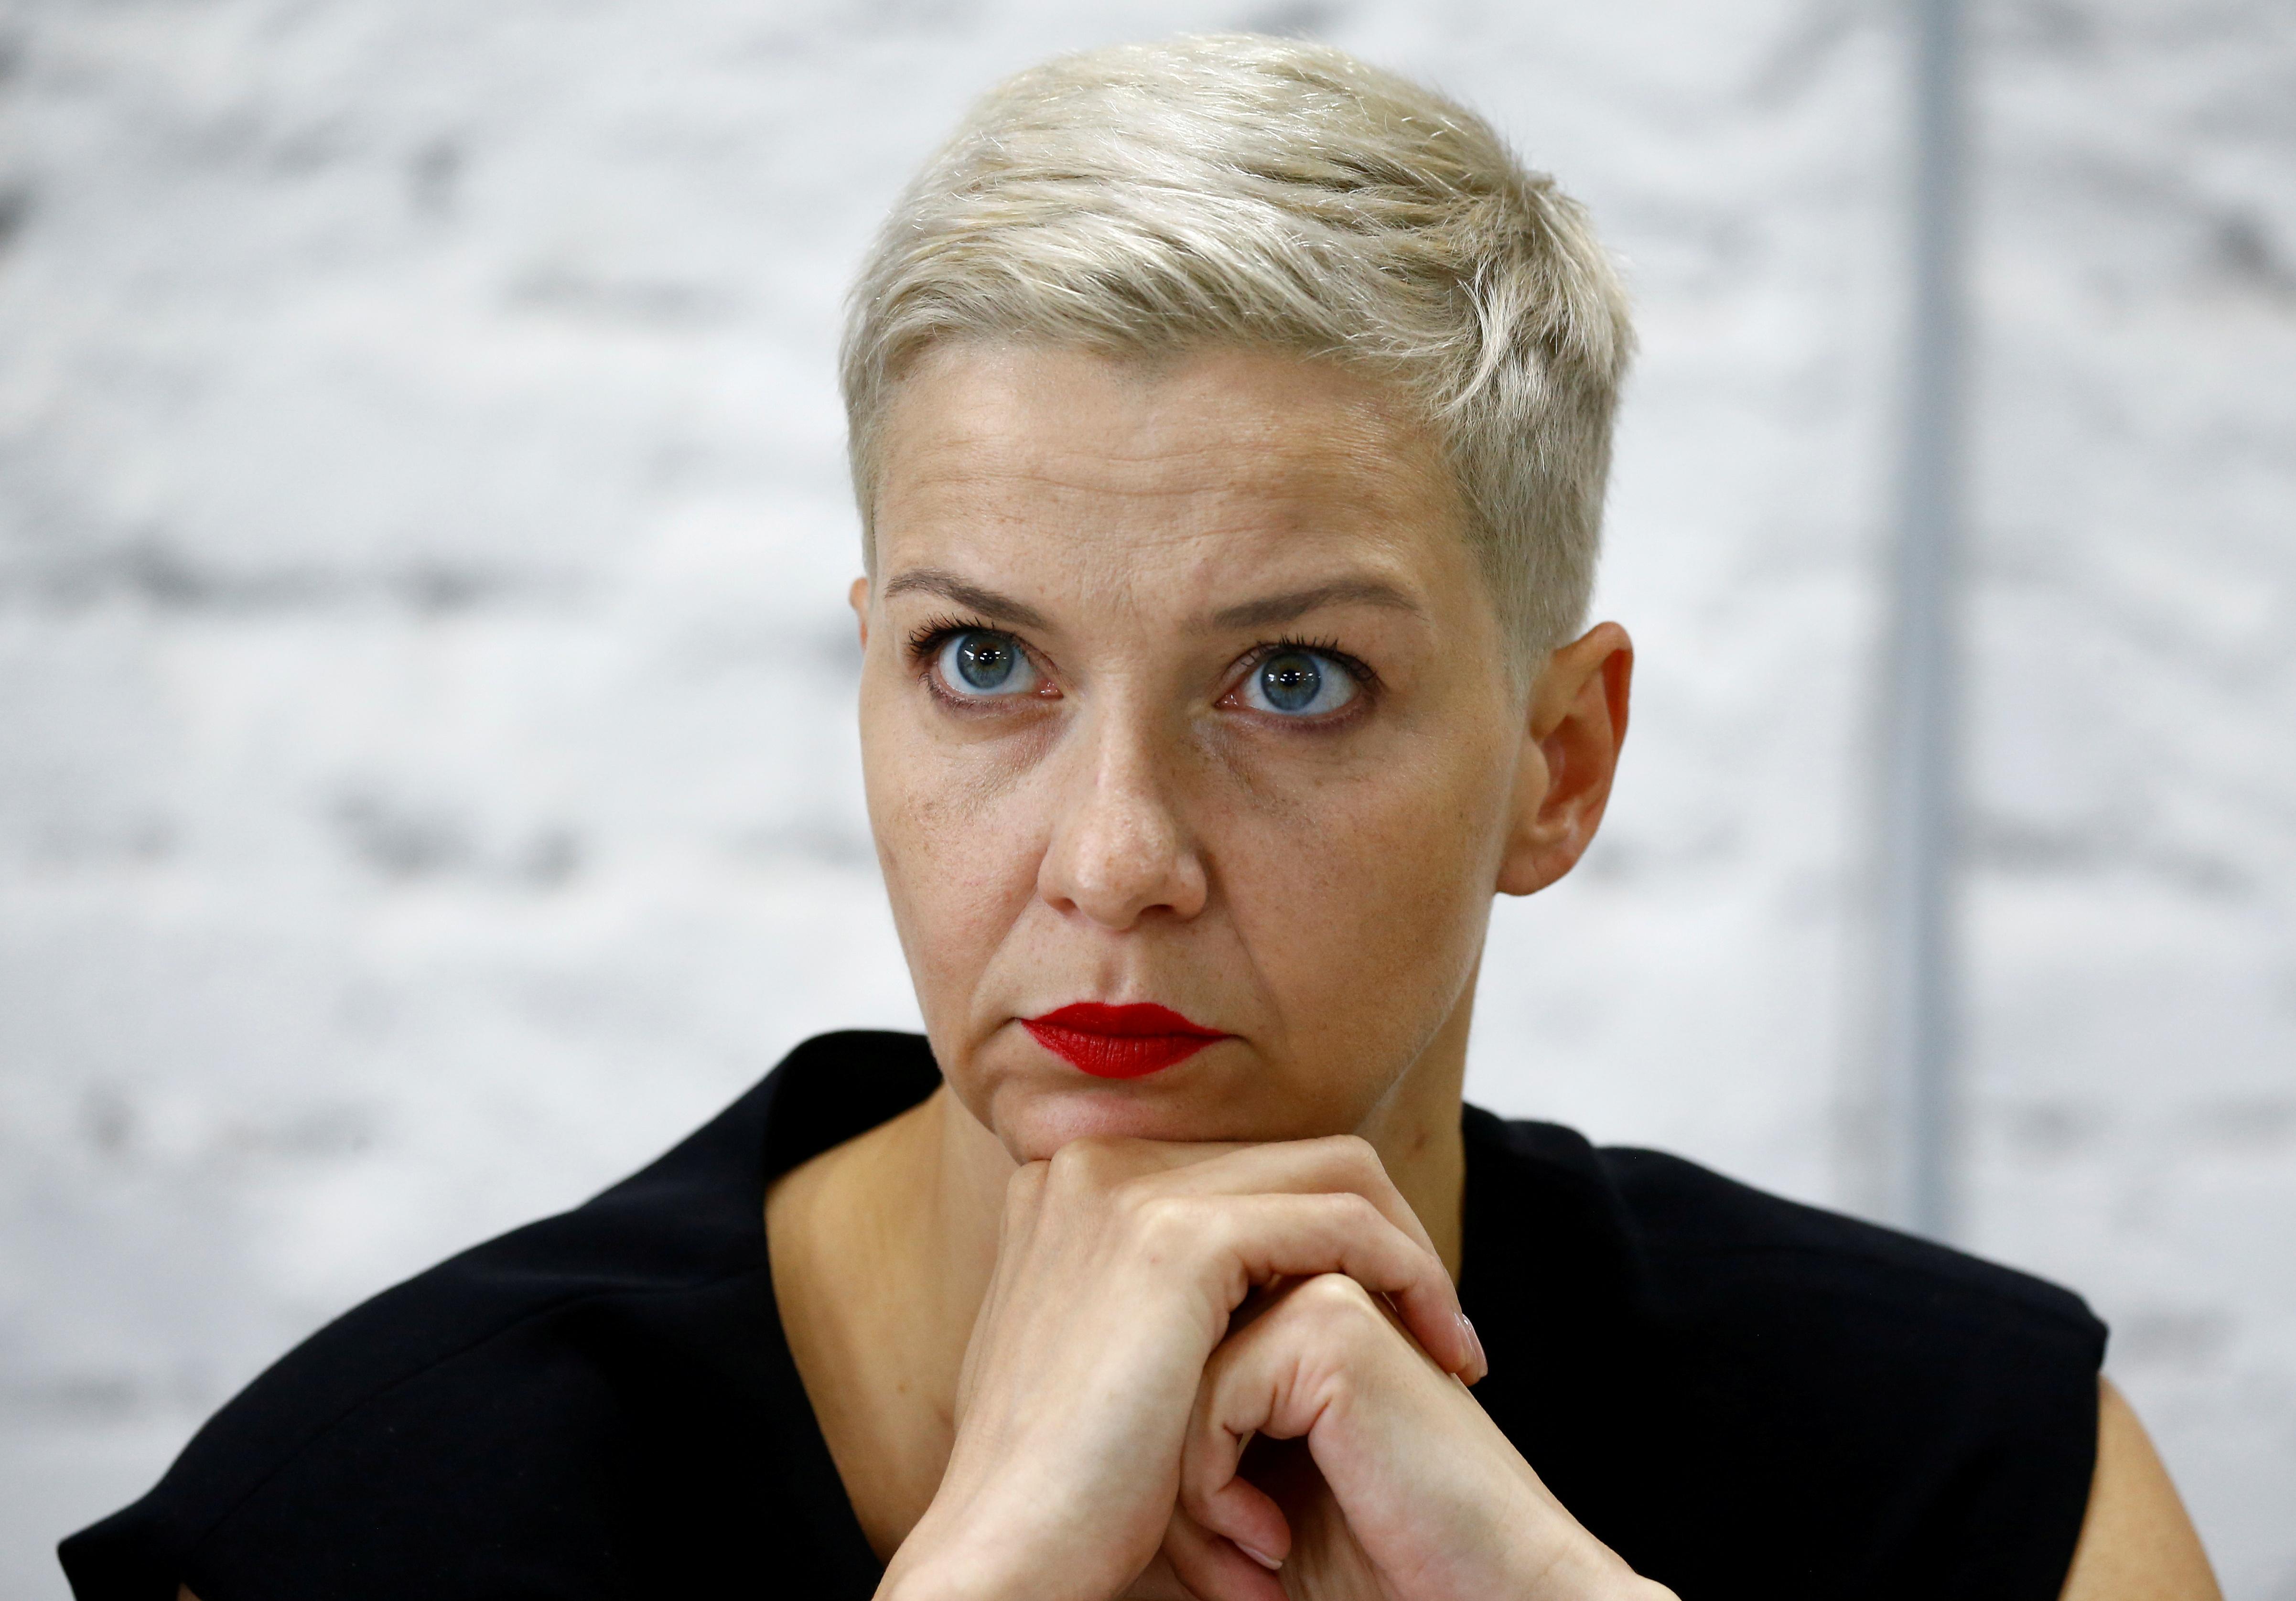 La opositora bielorrusa Kolesnikova, arrestada en la frontera con Ucrania tras ser detenida por encapuchados